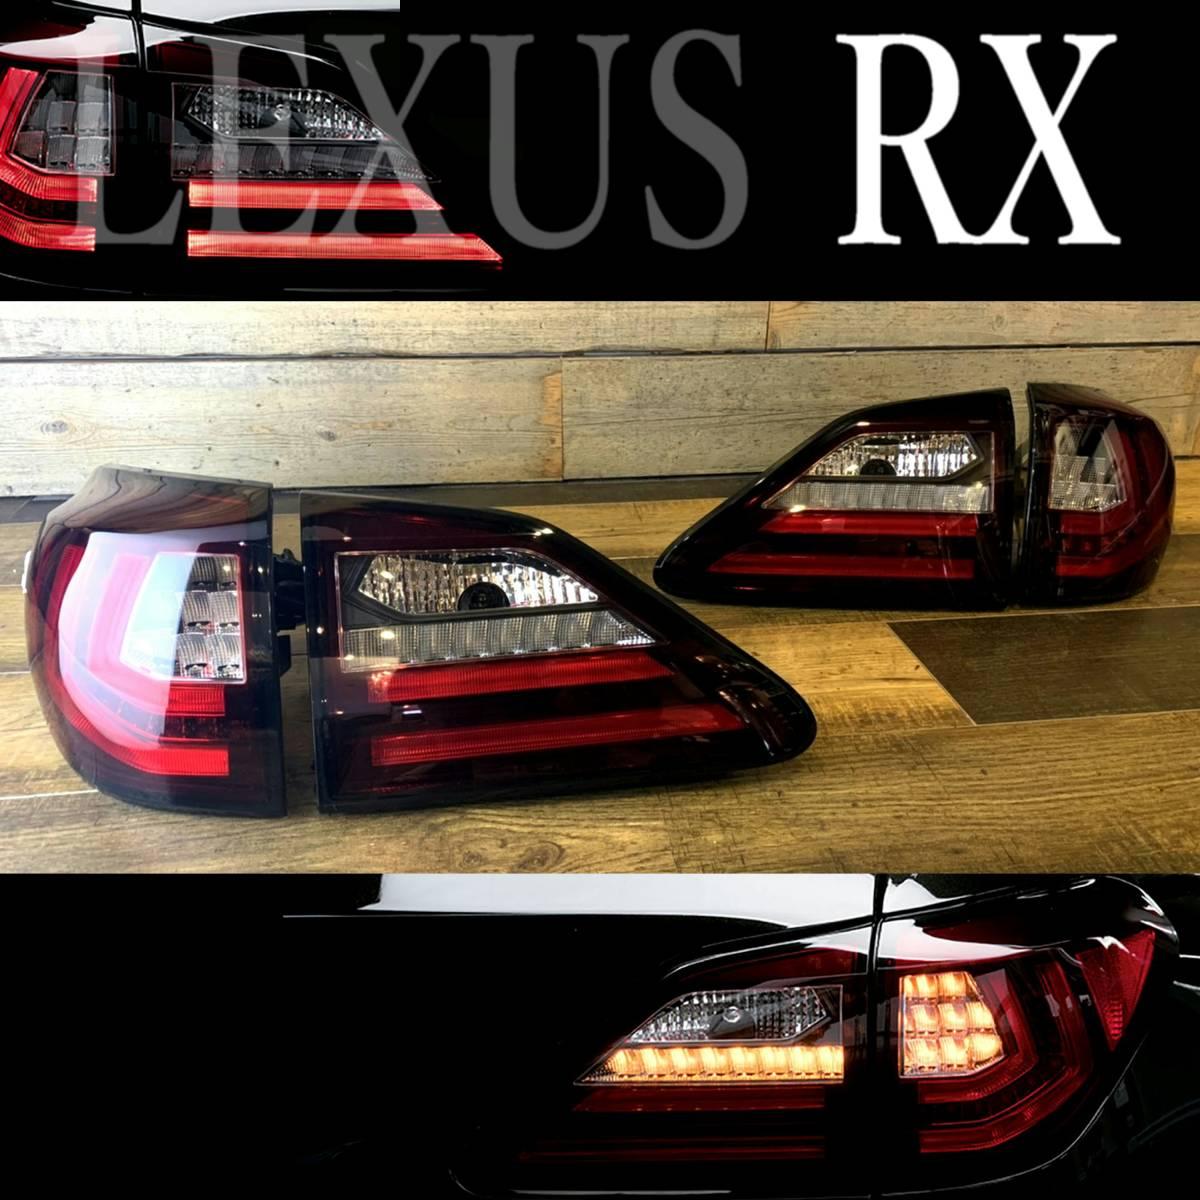 レクサス RX 10系用 20系仕様 流れるウィンカー テール シーケンシャルウィンカー lexus AGL10 GGL10 GGL15 GYL10 GYL15 GYL16 CONSERX_画像5